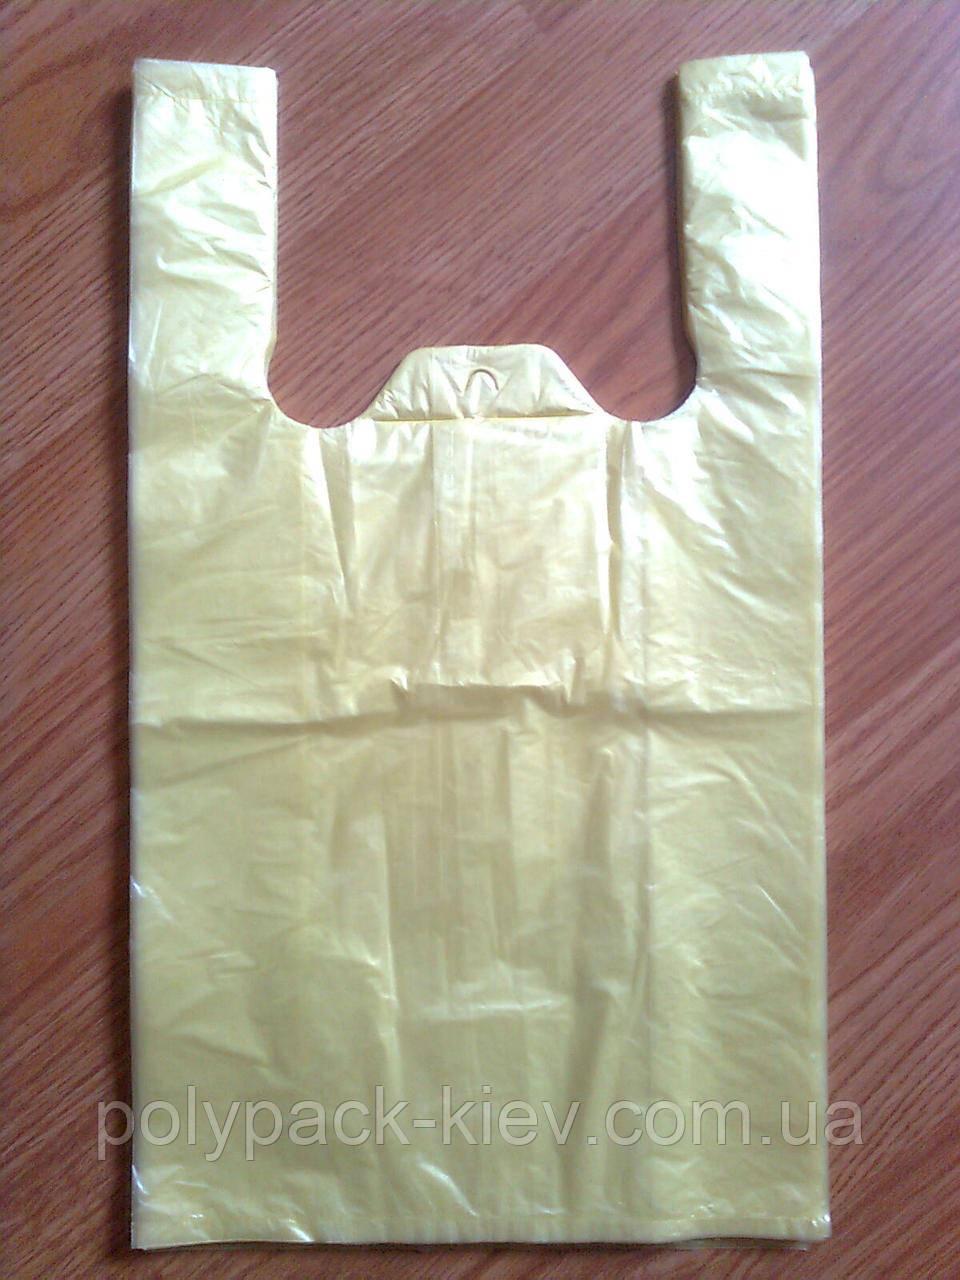 Пакеты майка 24*42 /10 мкм, 200 шт.уп. фасовочный пакет с ручками, полиэтиленовые пакеты упаковочные купить